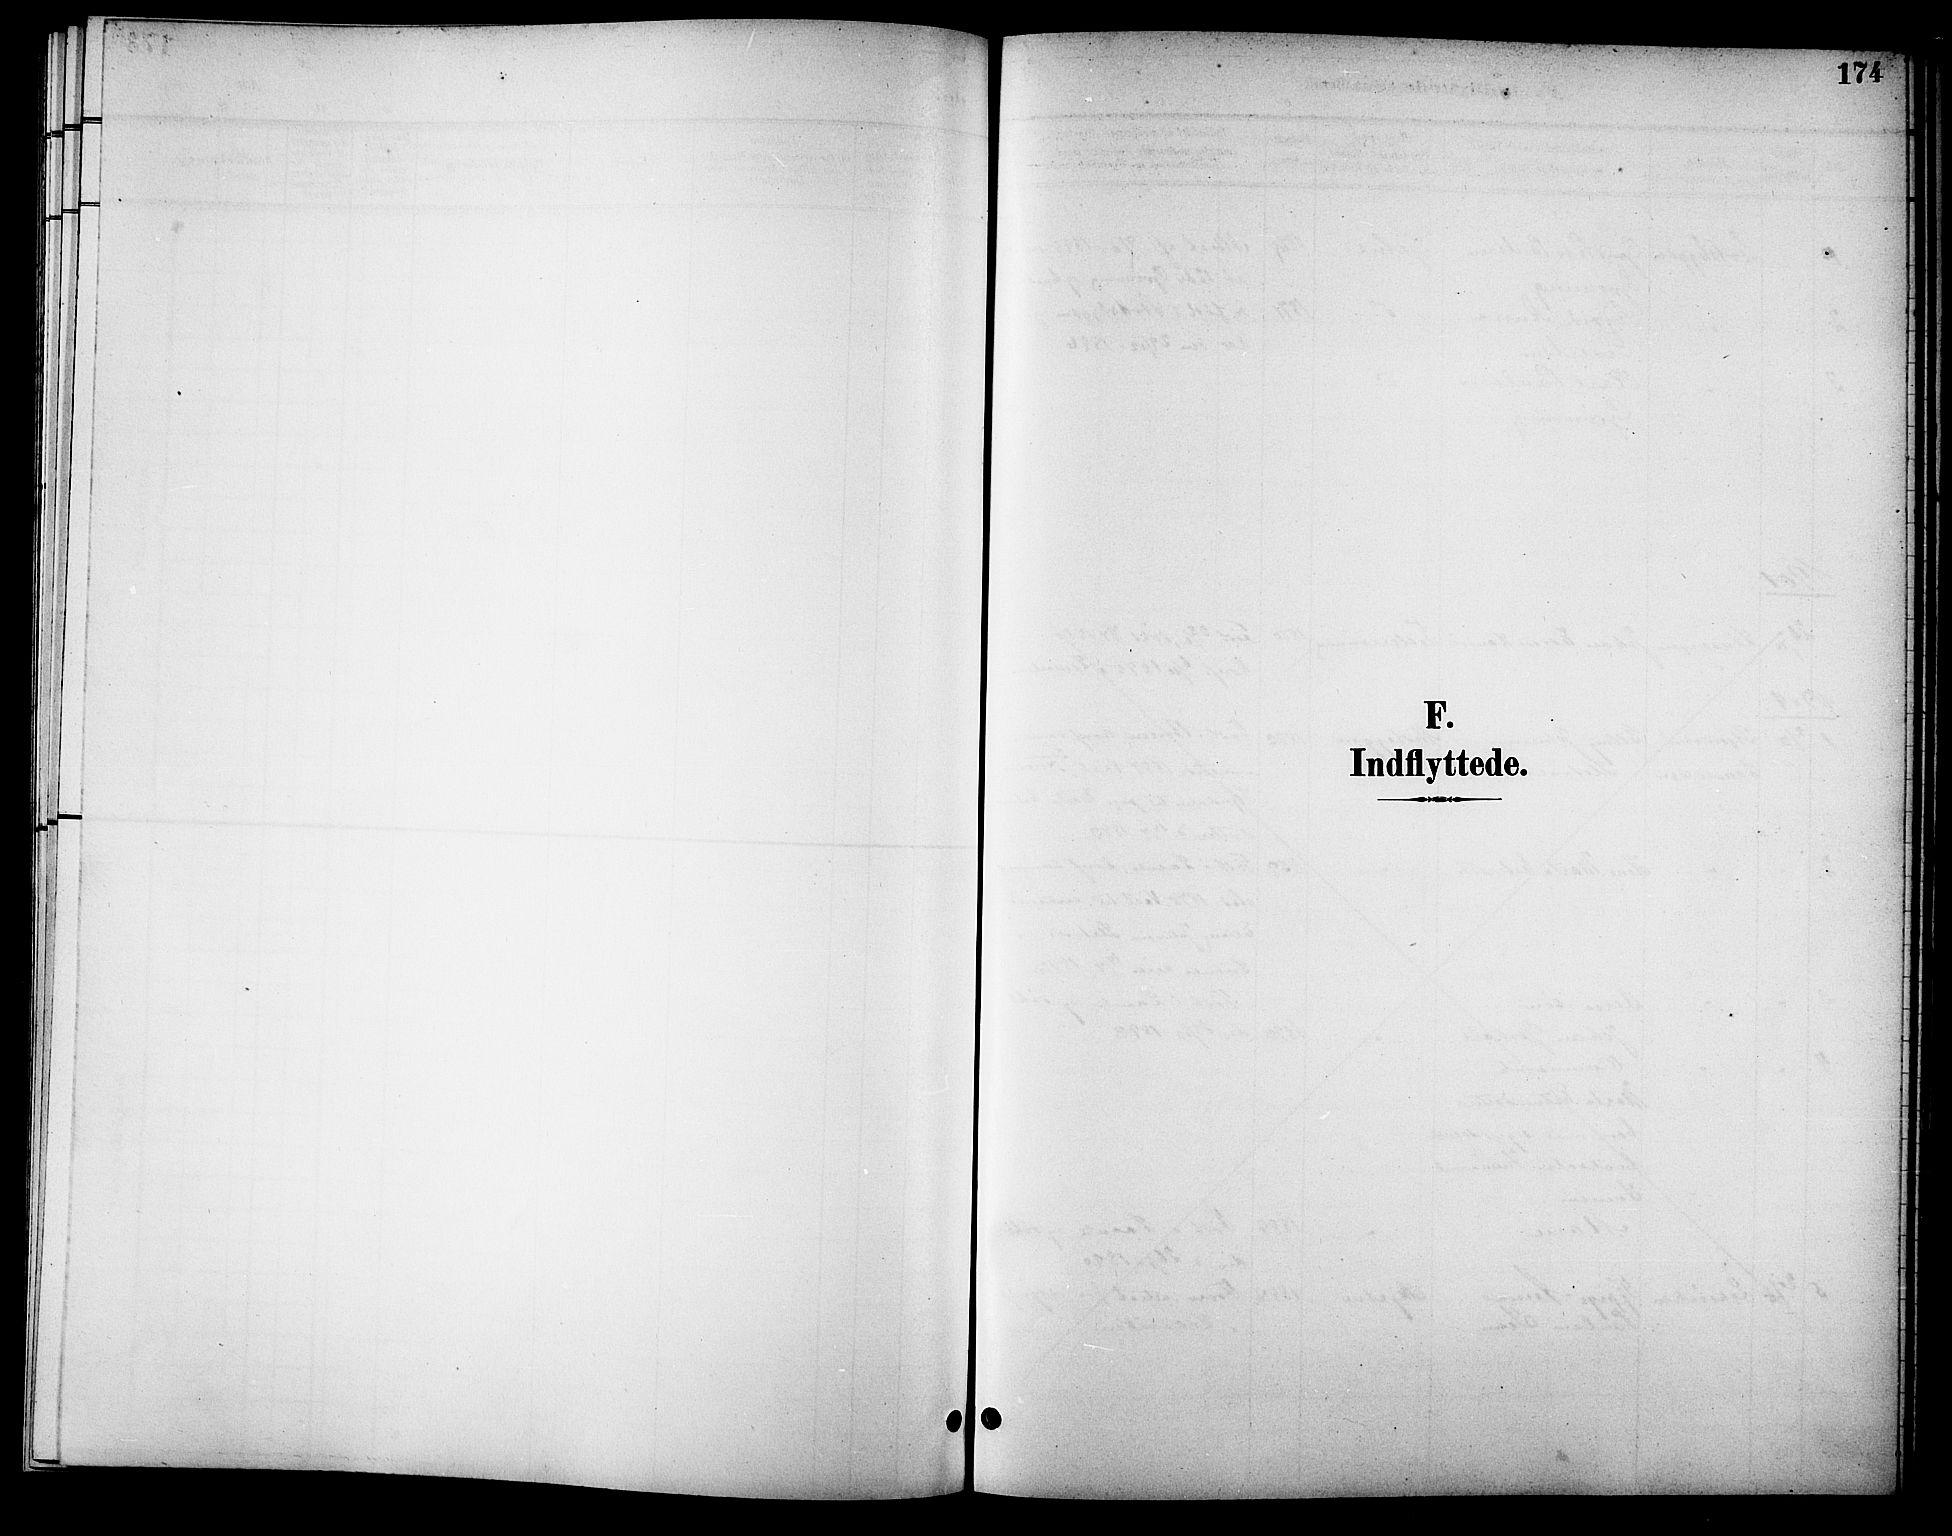 SAT, Ministerialprotokoller, klokkerbøker og fødselsregistre - Sør-Trøndelag, 621/L0460: Klokkerbok nr. 621C03, 1896-1914, s. 174